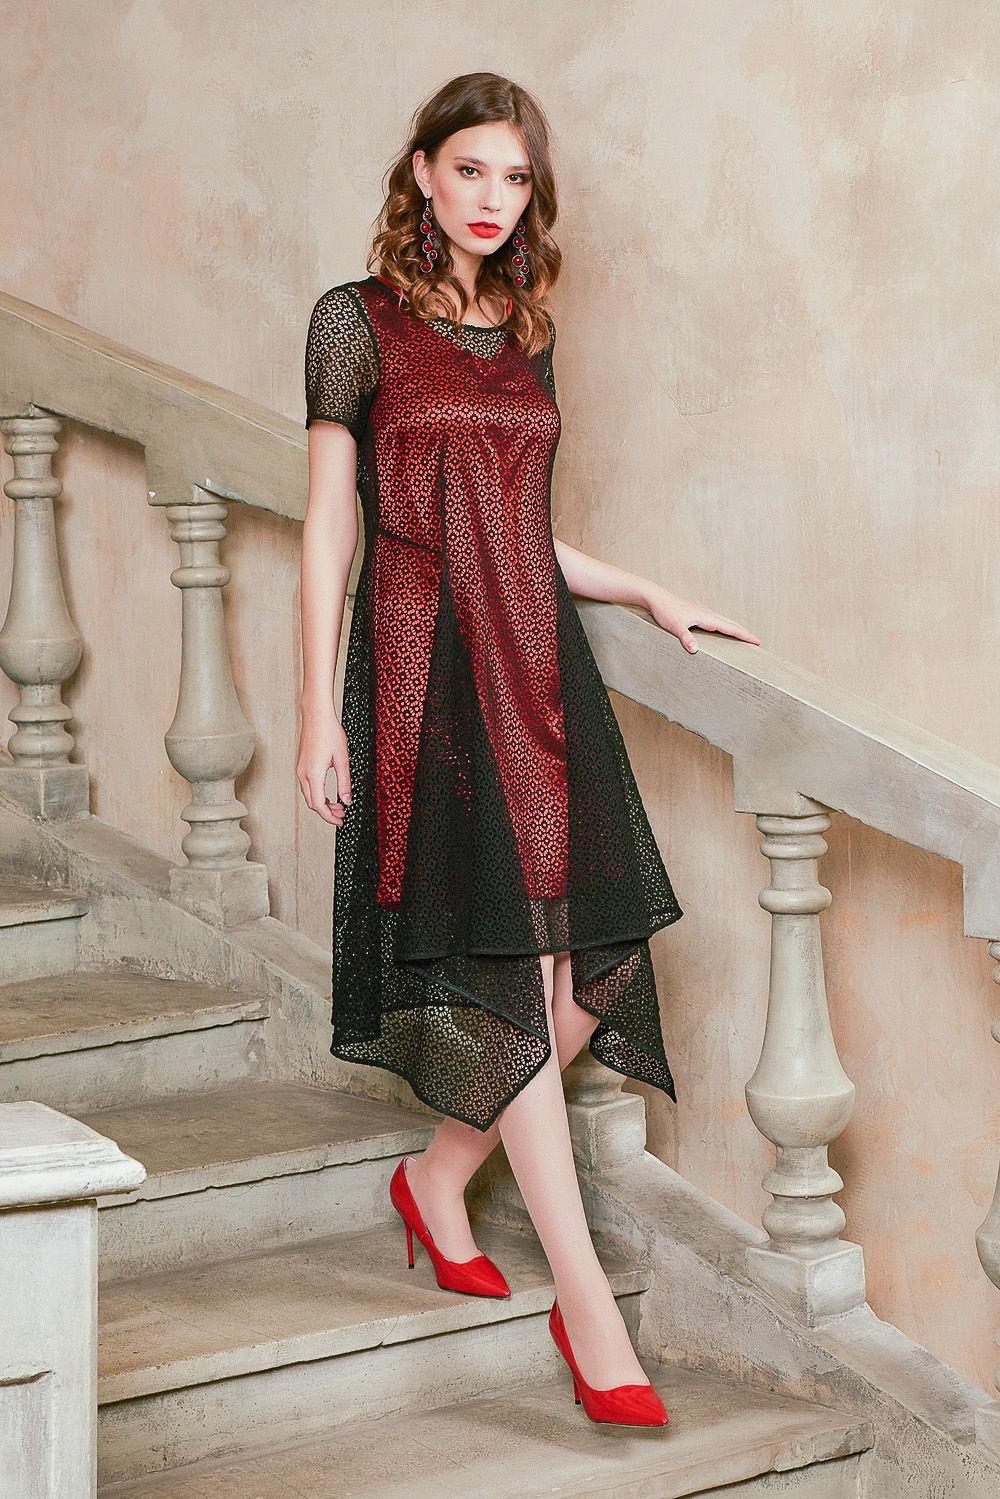 Платье З432-419 - Пронзительно яркое женственное двухслойное платье. В комплекте идёт сразу основы двух цветов!Нижний слой завораживает роковым алым цветом. Нижнее платье прямого силуэта с V-образным вырезом и длиной выше колена. Верхняя часть – свободная прозрачная кружевная накидка черного монохромного тона с ассиметричным расклешенным подолом. Кружевное полотно оченьЭффектно подчеркивает красоту женских ног и придает общему образу женственность и хрупкость.